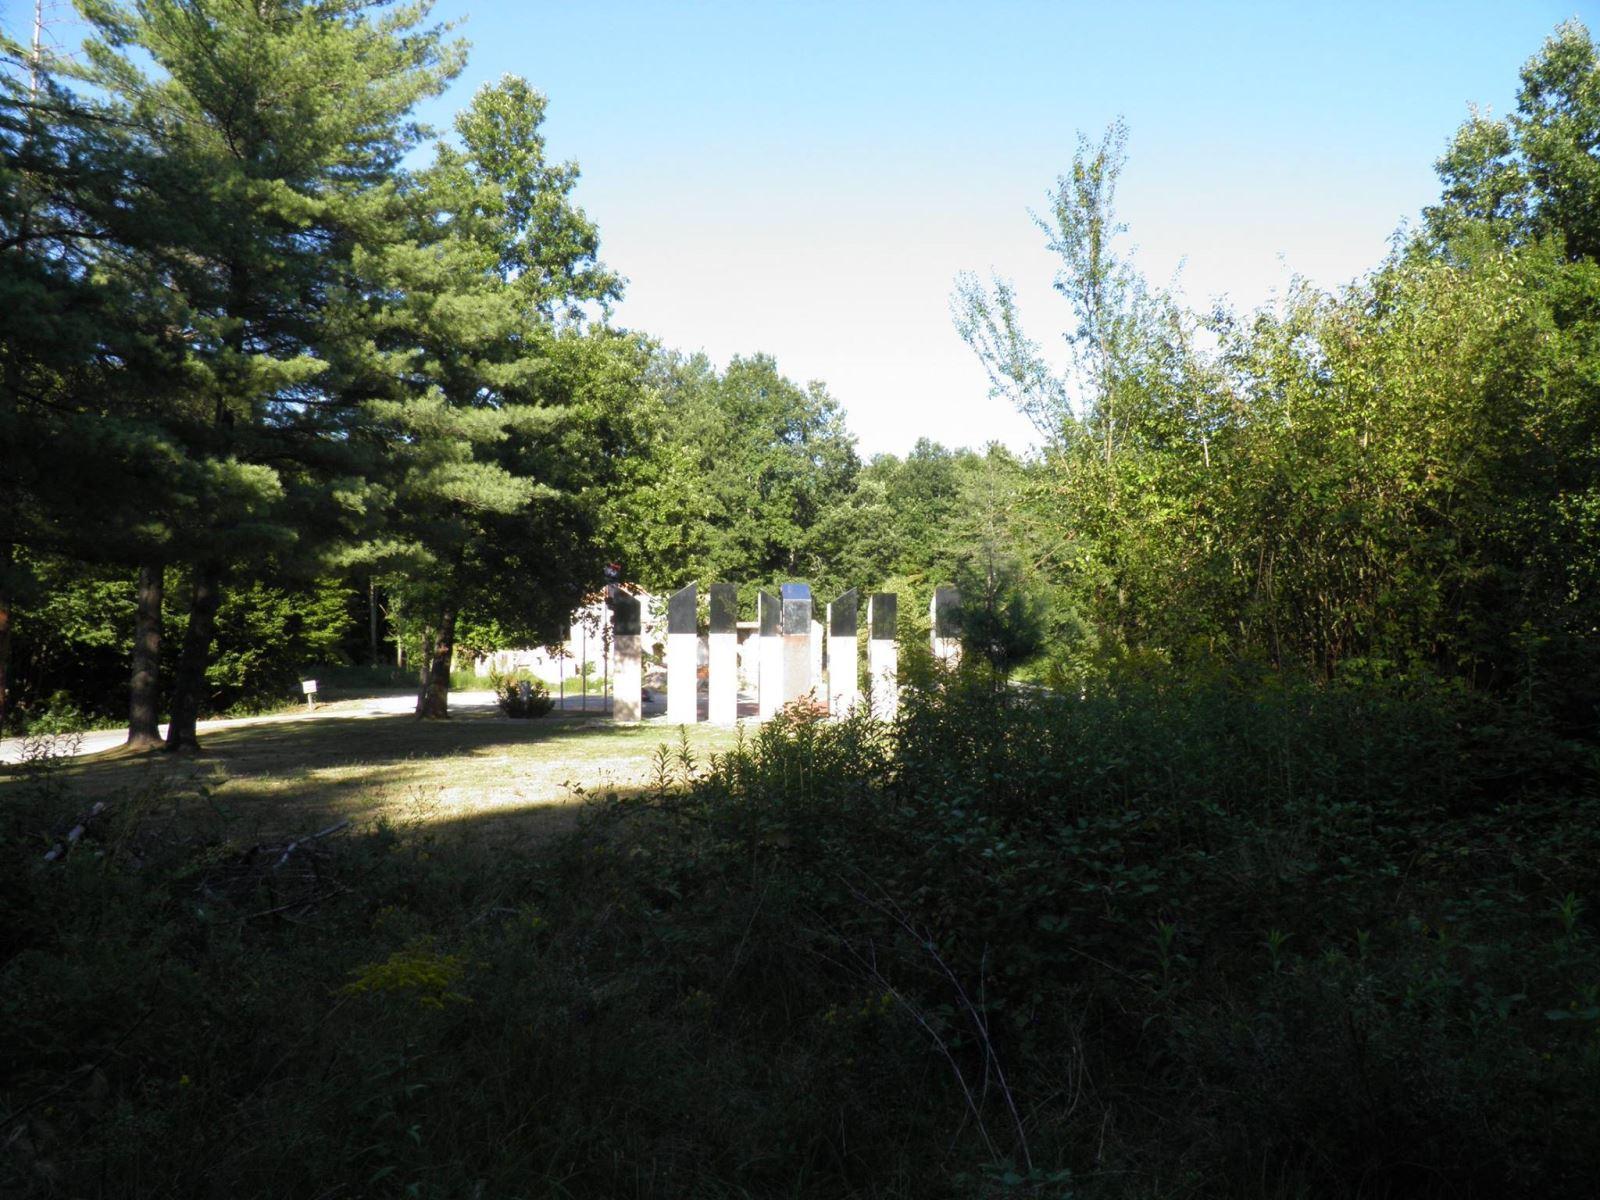 Поглед на споменик погинулим бранитељима с локације минираног споменика и костурнице палим борцима.